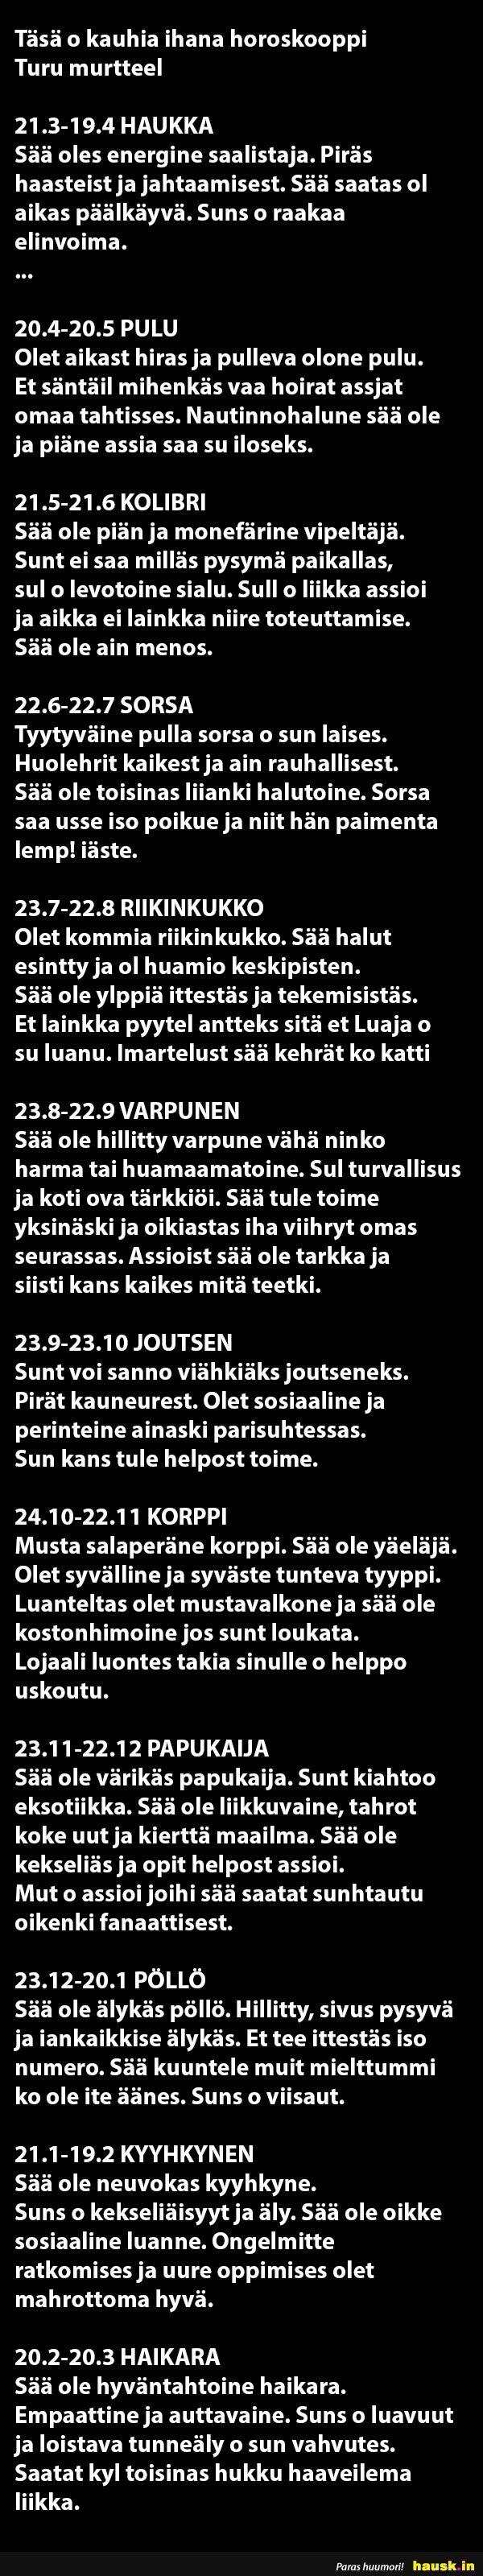 Täsä o kauhia ihana horoskooppi Turu murttel - HAUSK.in